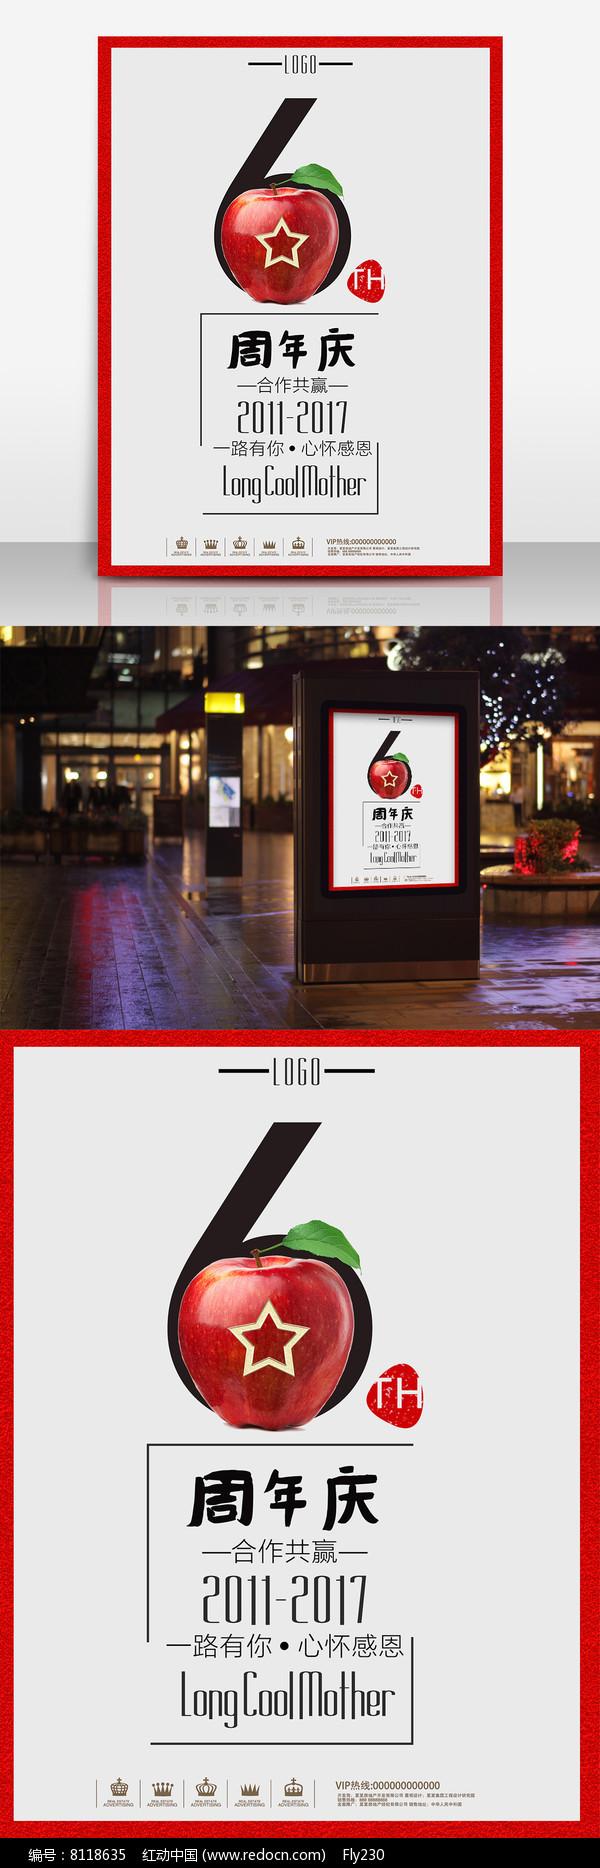 6周年庆海报模板图片